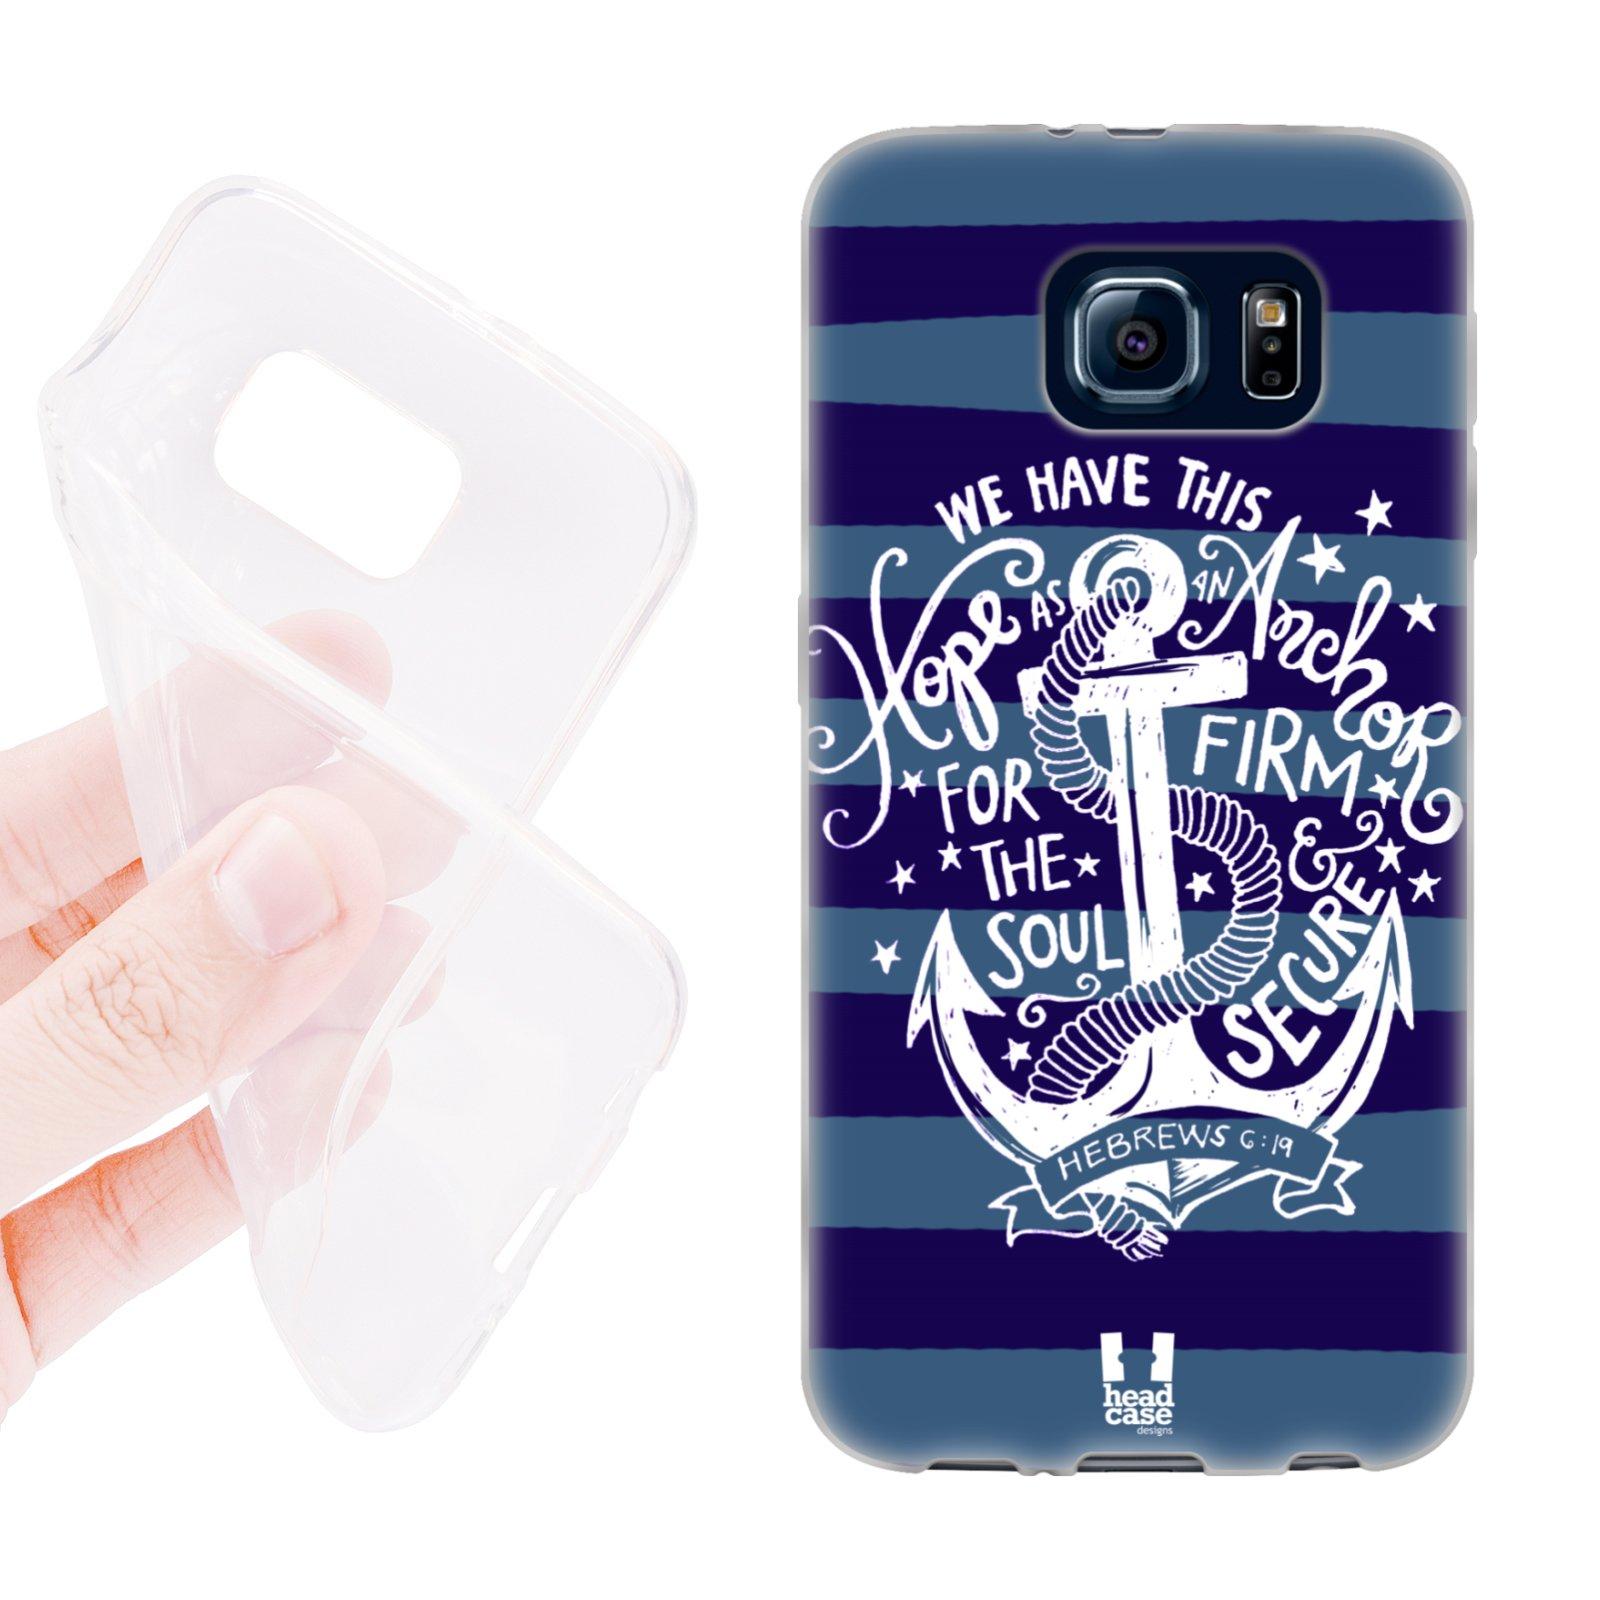 HEAD CASE silikonový obal na mobil Samsung galaxy S6 kotva modrá naděje pruhy